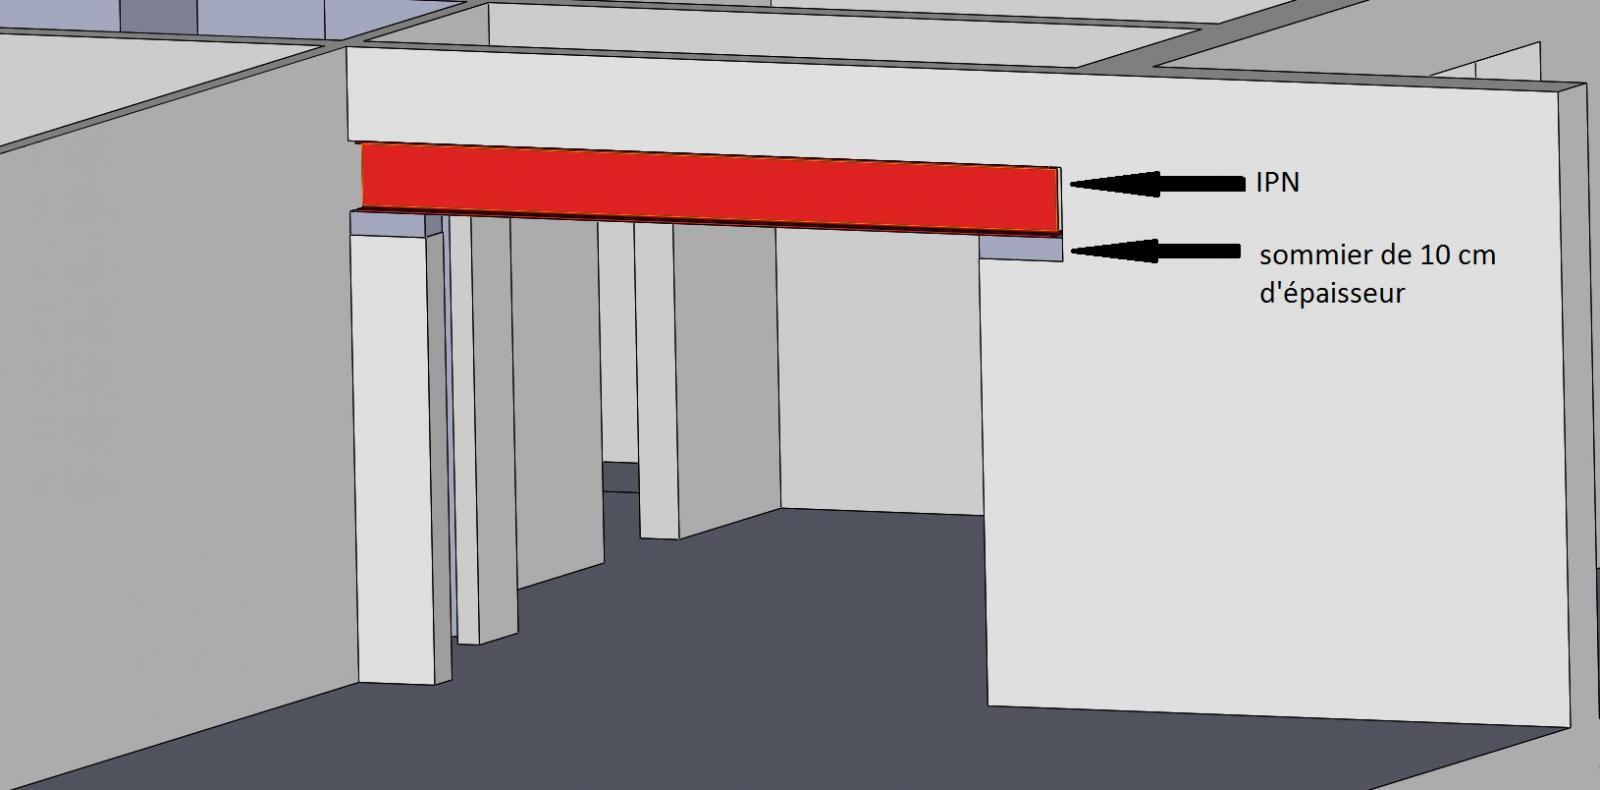 Ouverture de deux mur porteur conseiller moi svp - Remplacer un mur porteur par un ipn ...